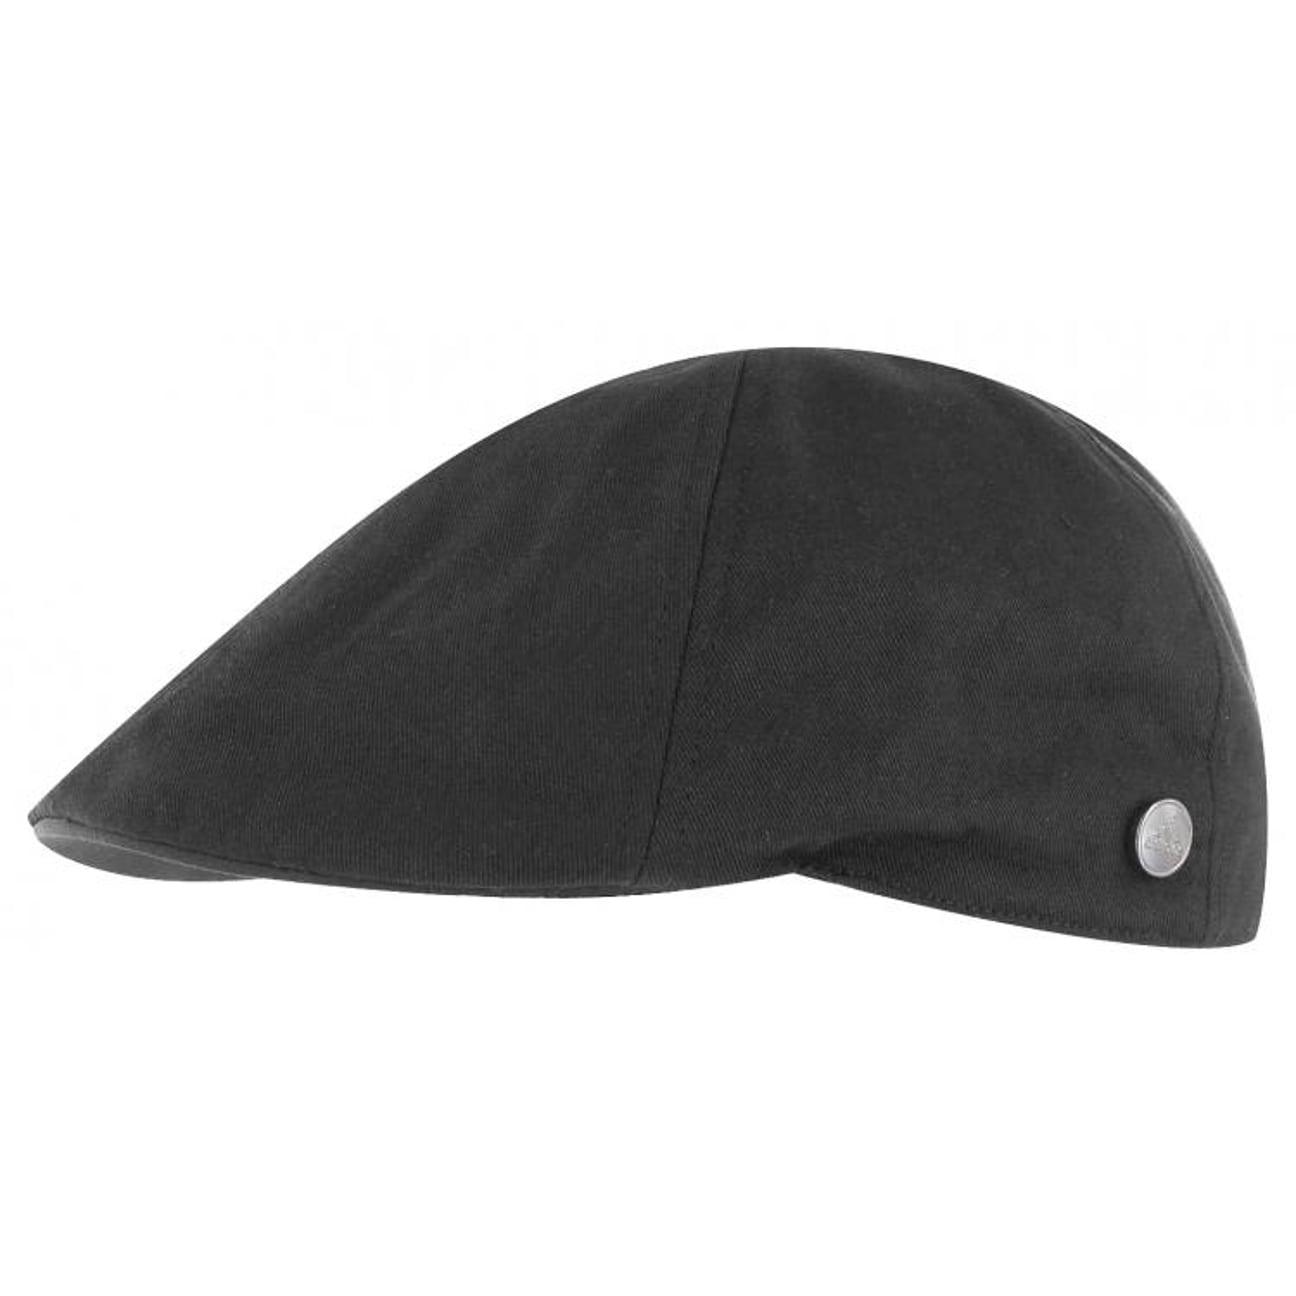 Seasonal Essentials Gatsby Cap by adidas - black 1 027fcdaf841